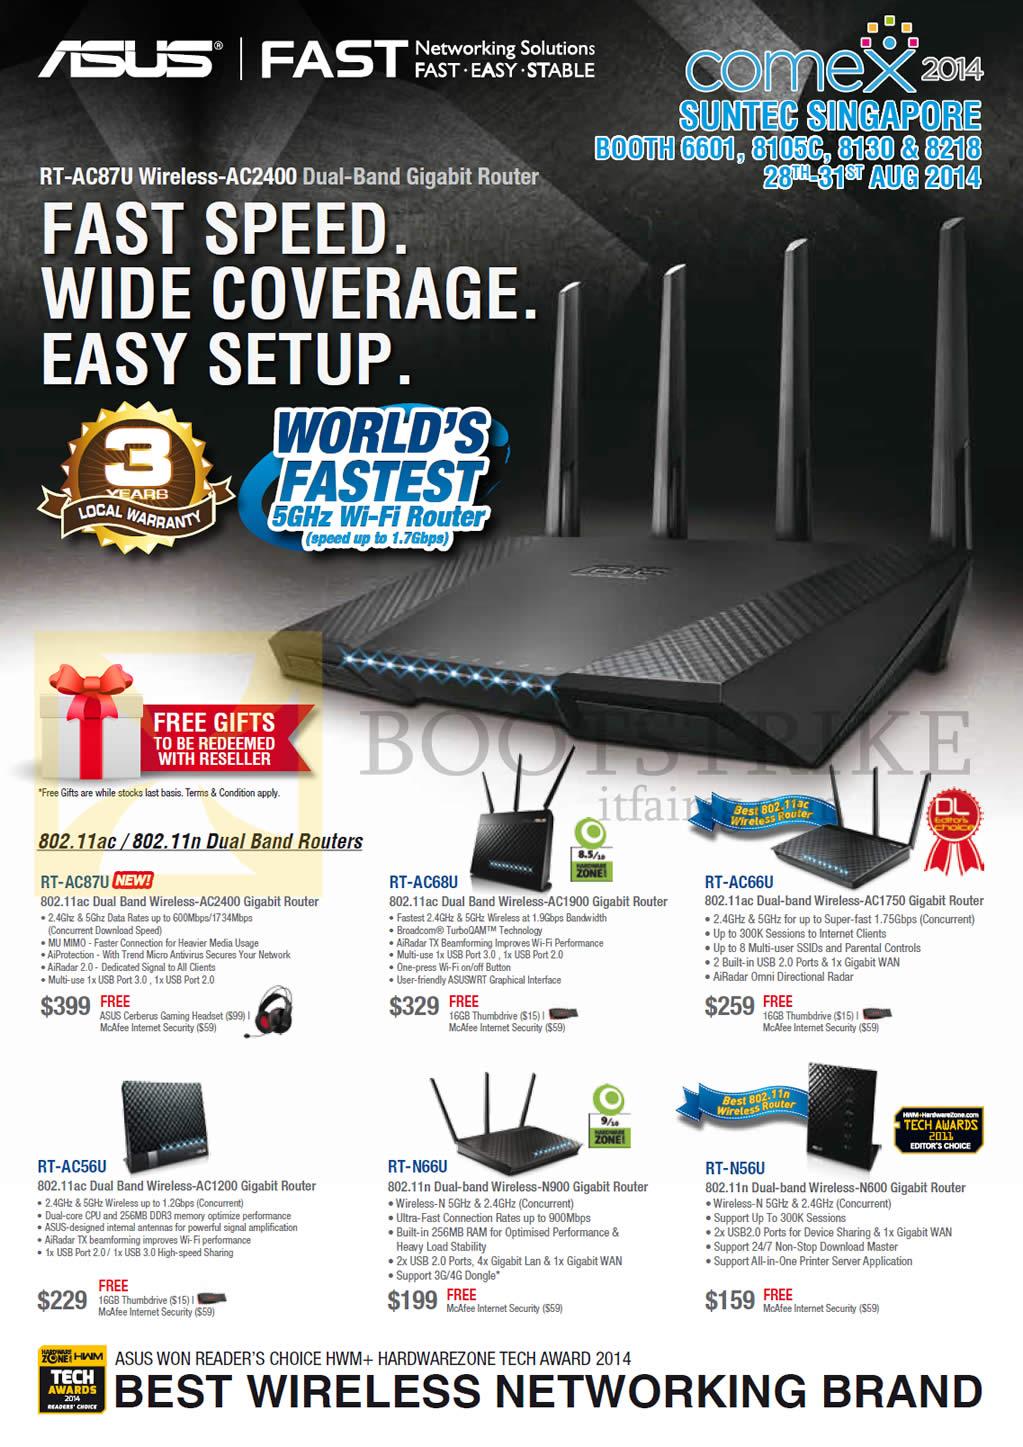 COMEX 2014 price list image brochure of ASUS Networking Dual Band Routers RT-AC87u, AC68U, AC66U, AC56U, N66U, N56U